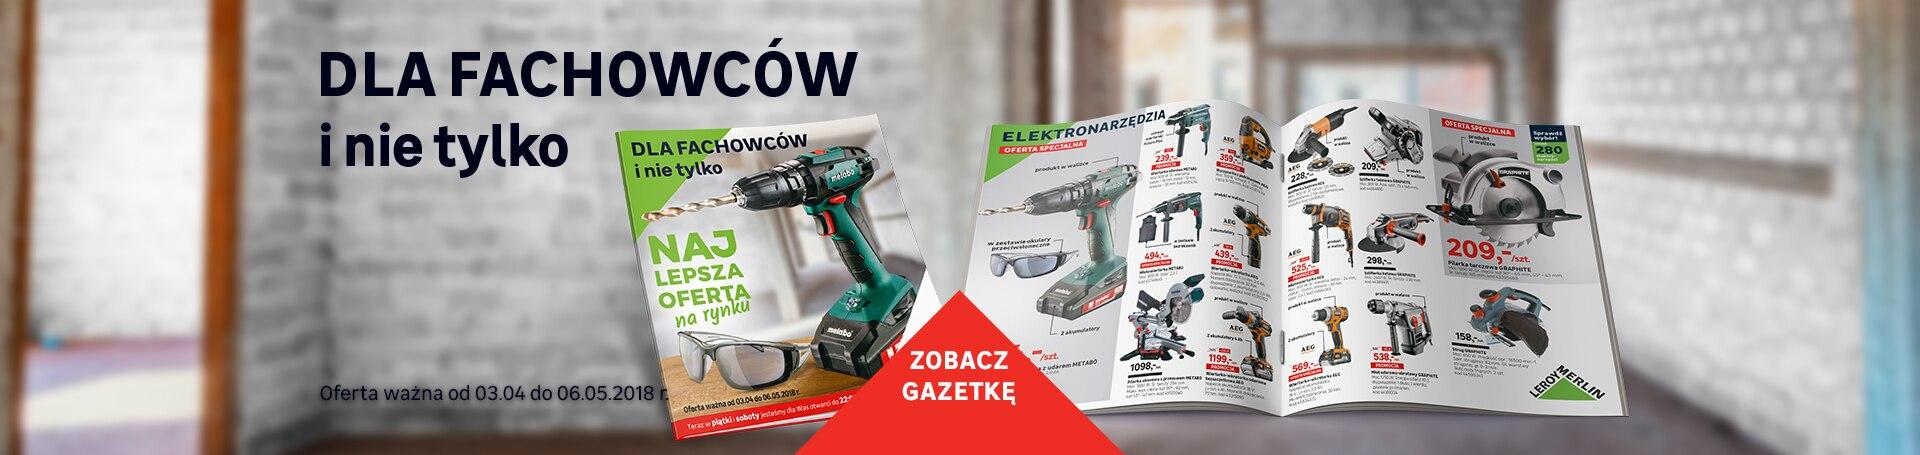 sk-katalog-fachowcy-3-30.04.2018-1920x455